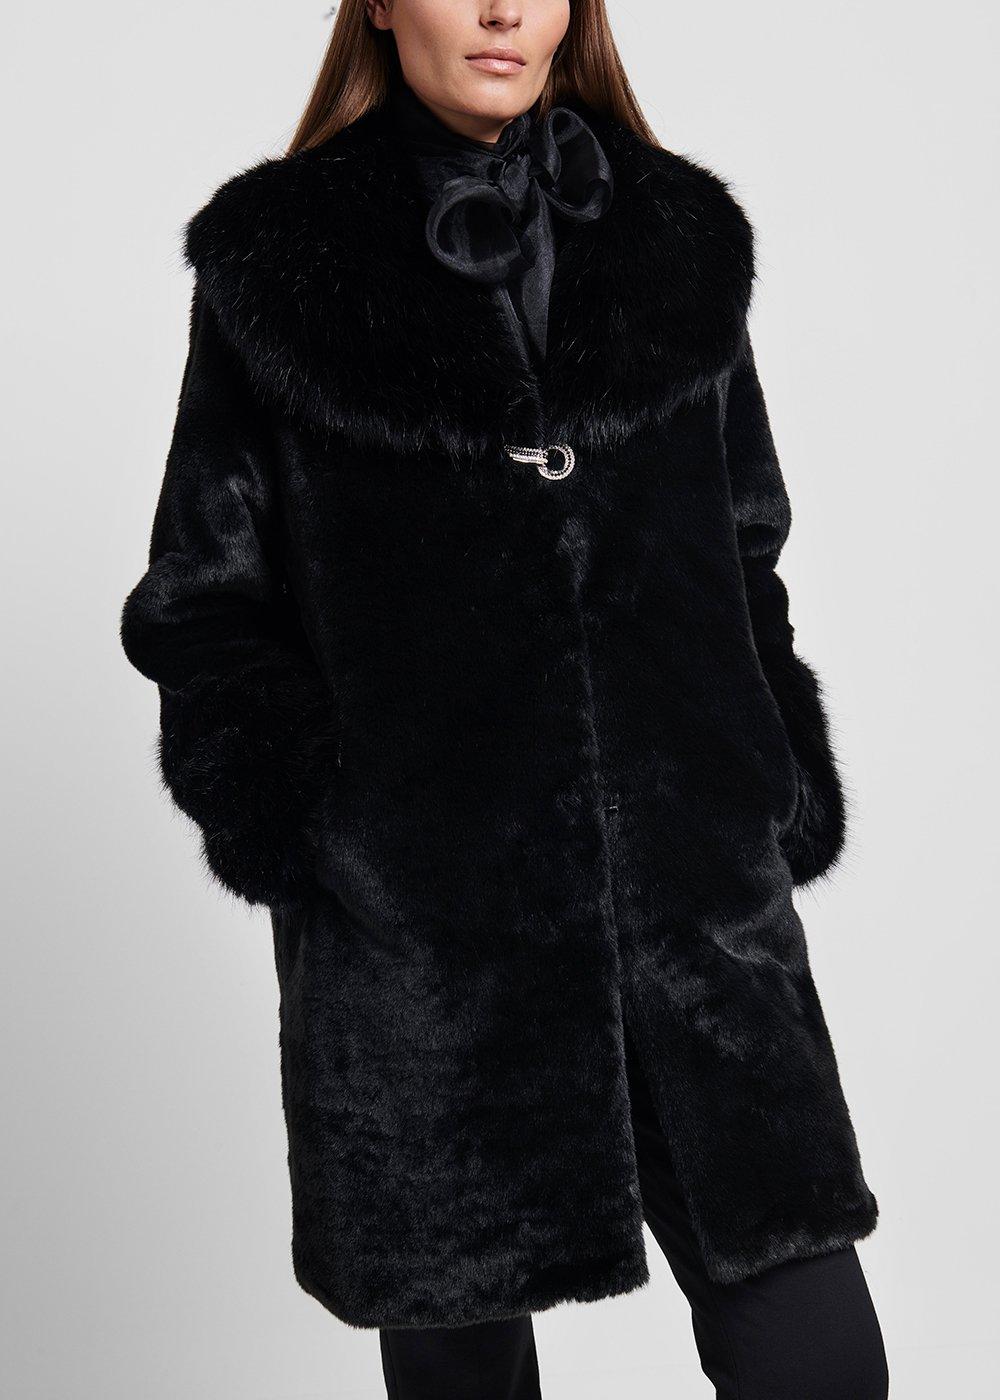 Cappotto in eco pelliccia a pelo lungo con chiusura gioiello - Black - Donna